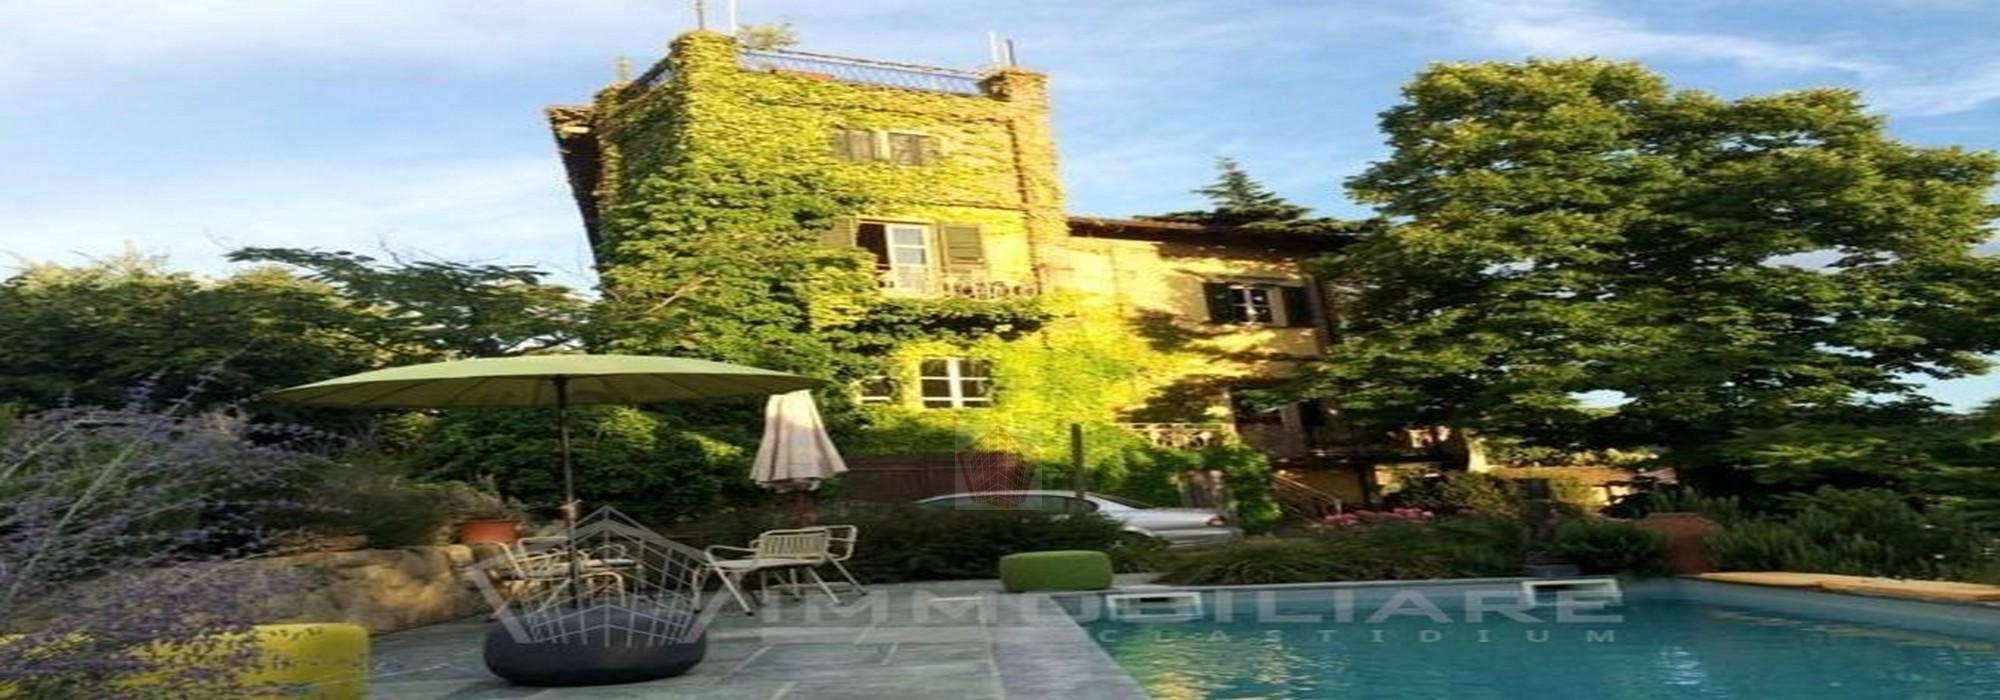 Borgo Priolo (PV) VENDITA Dimora storica con piscina Rif. C354